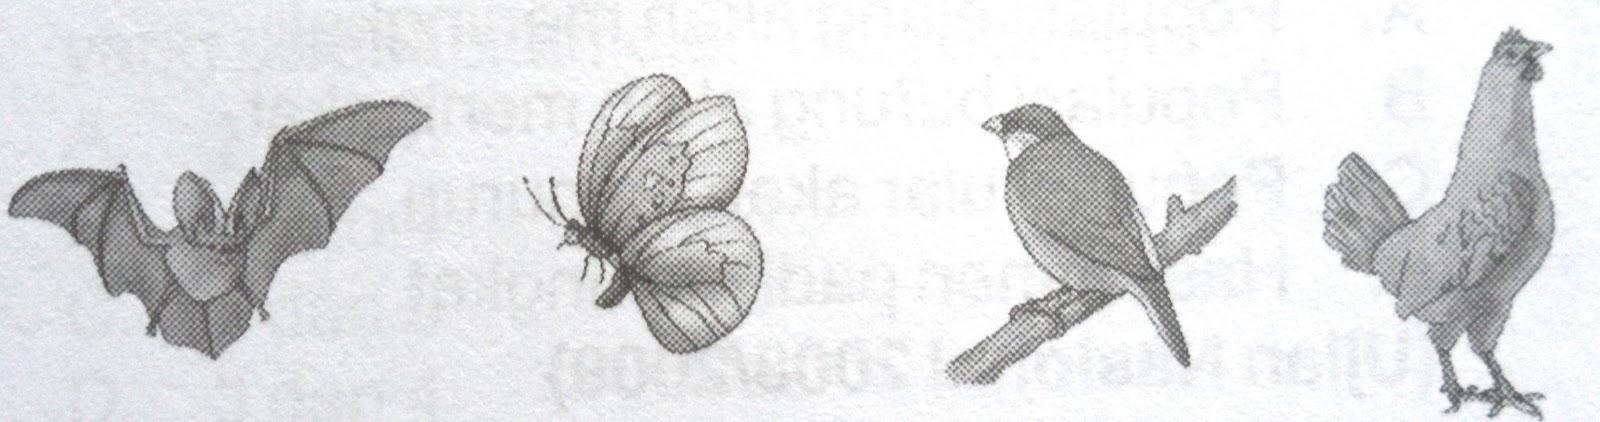 CINTA BIOLOGI: HUBUNGAN KEKERABATAN MAKHLUK HIDUP